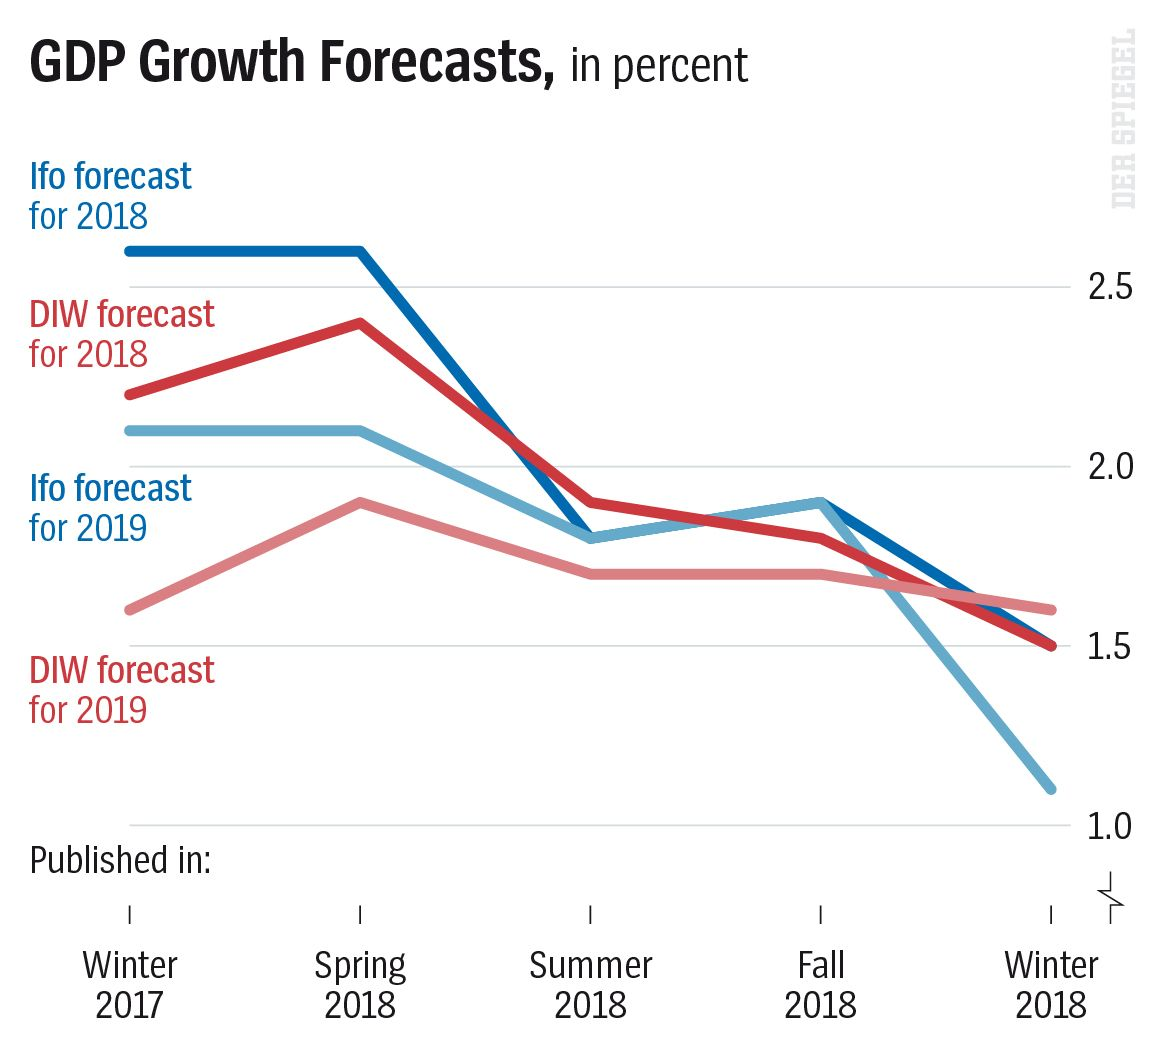 DER SPIEGEL 2/2019 Seite 25 - GDP Growth Forecasts